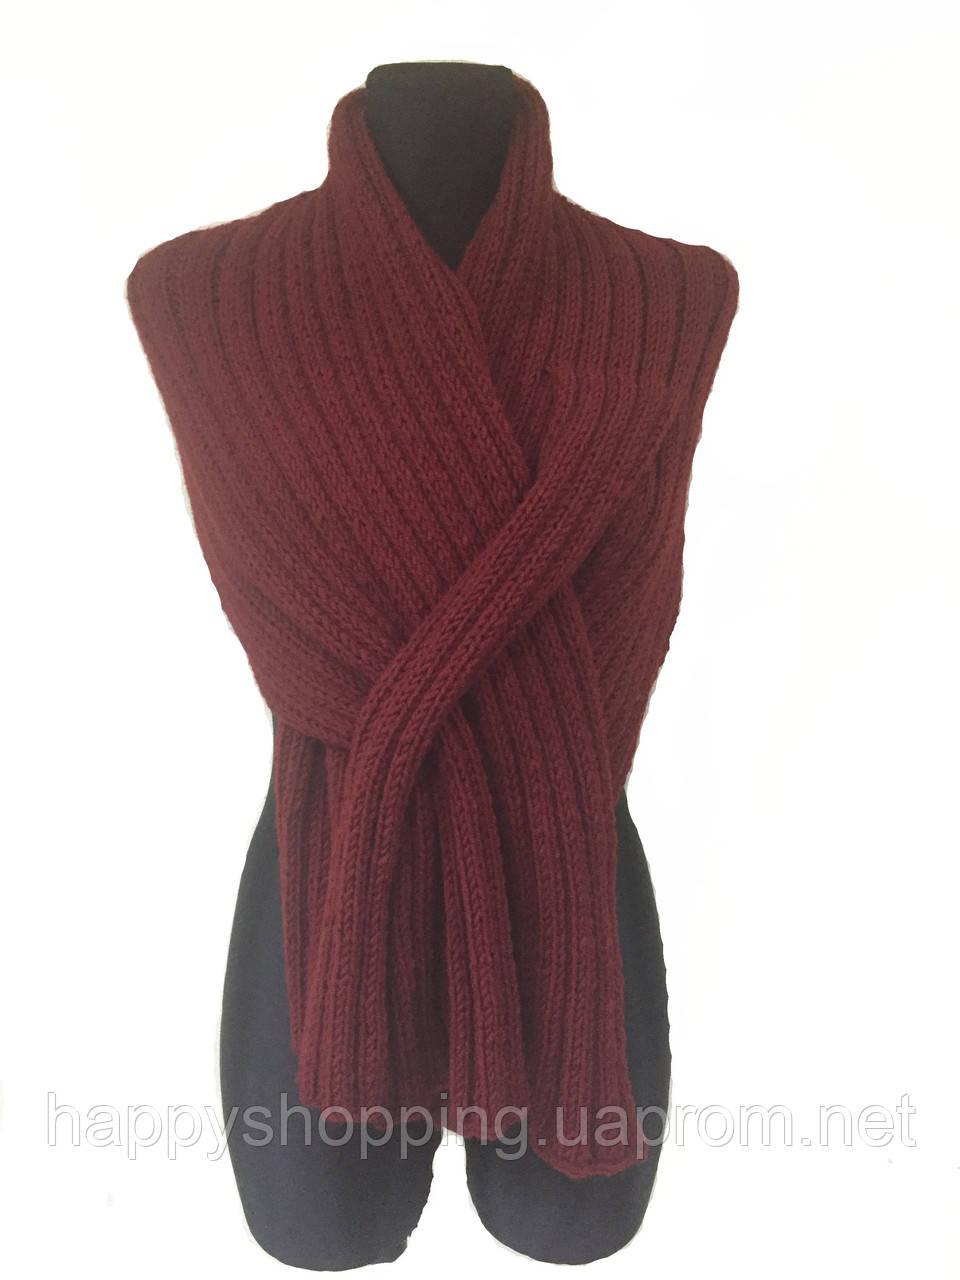 Бордовый шарф HooS